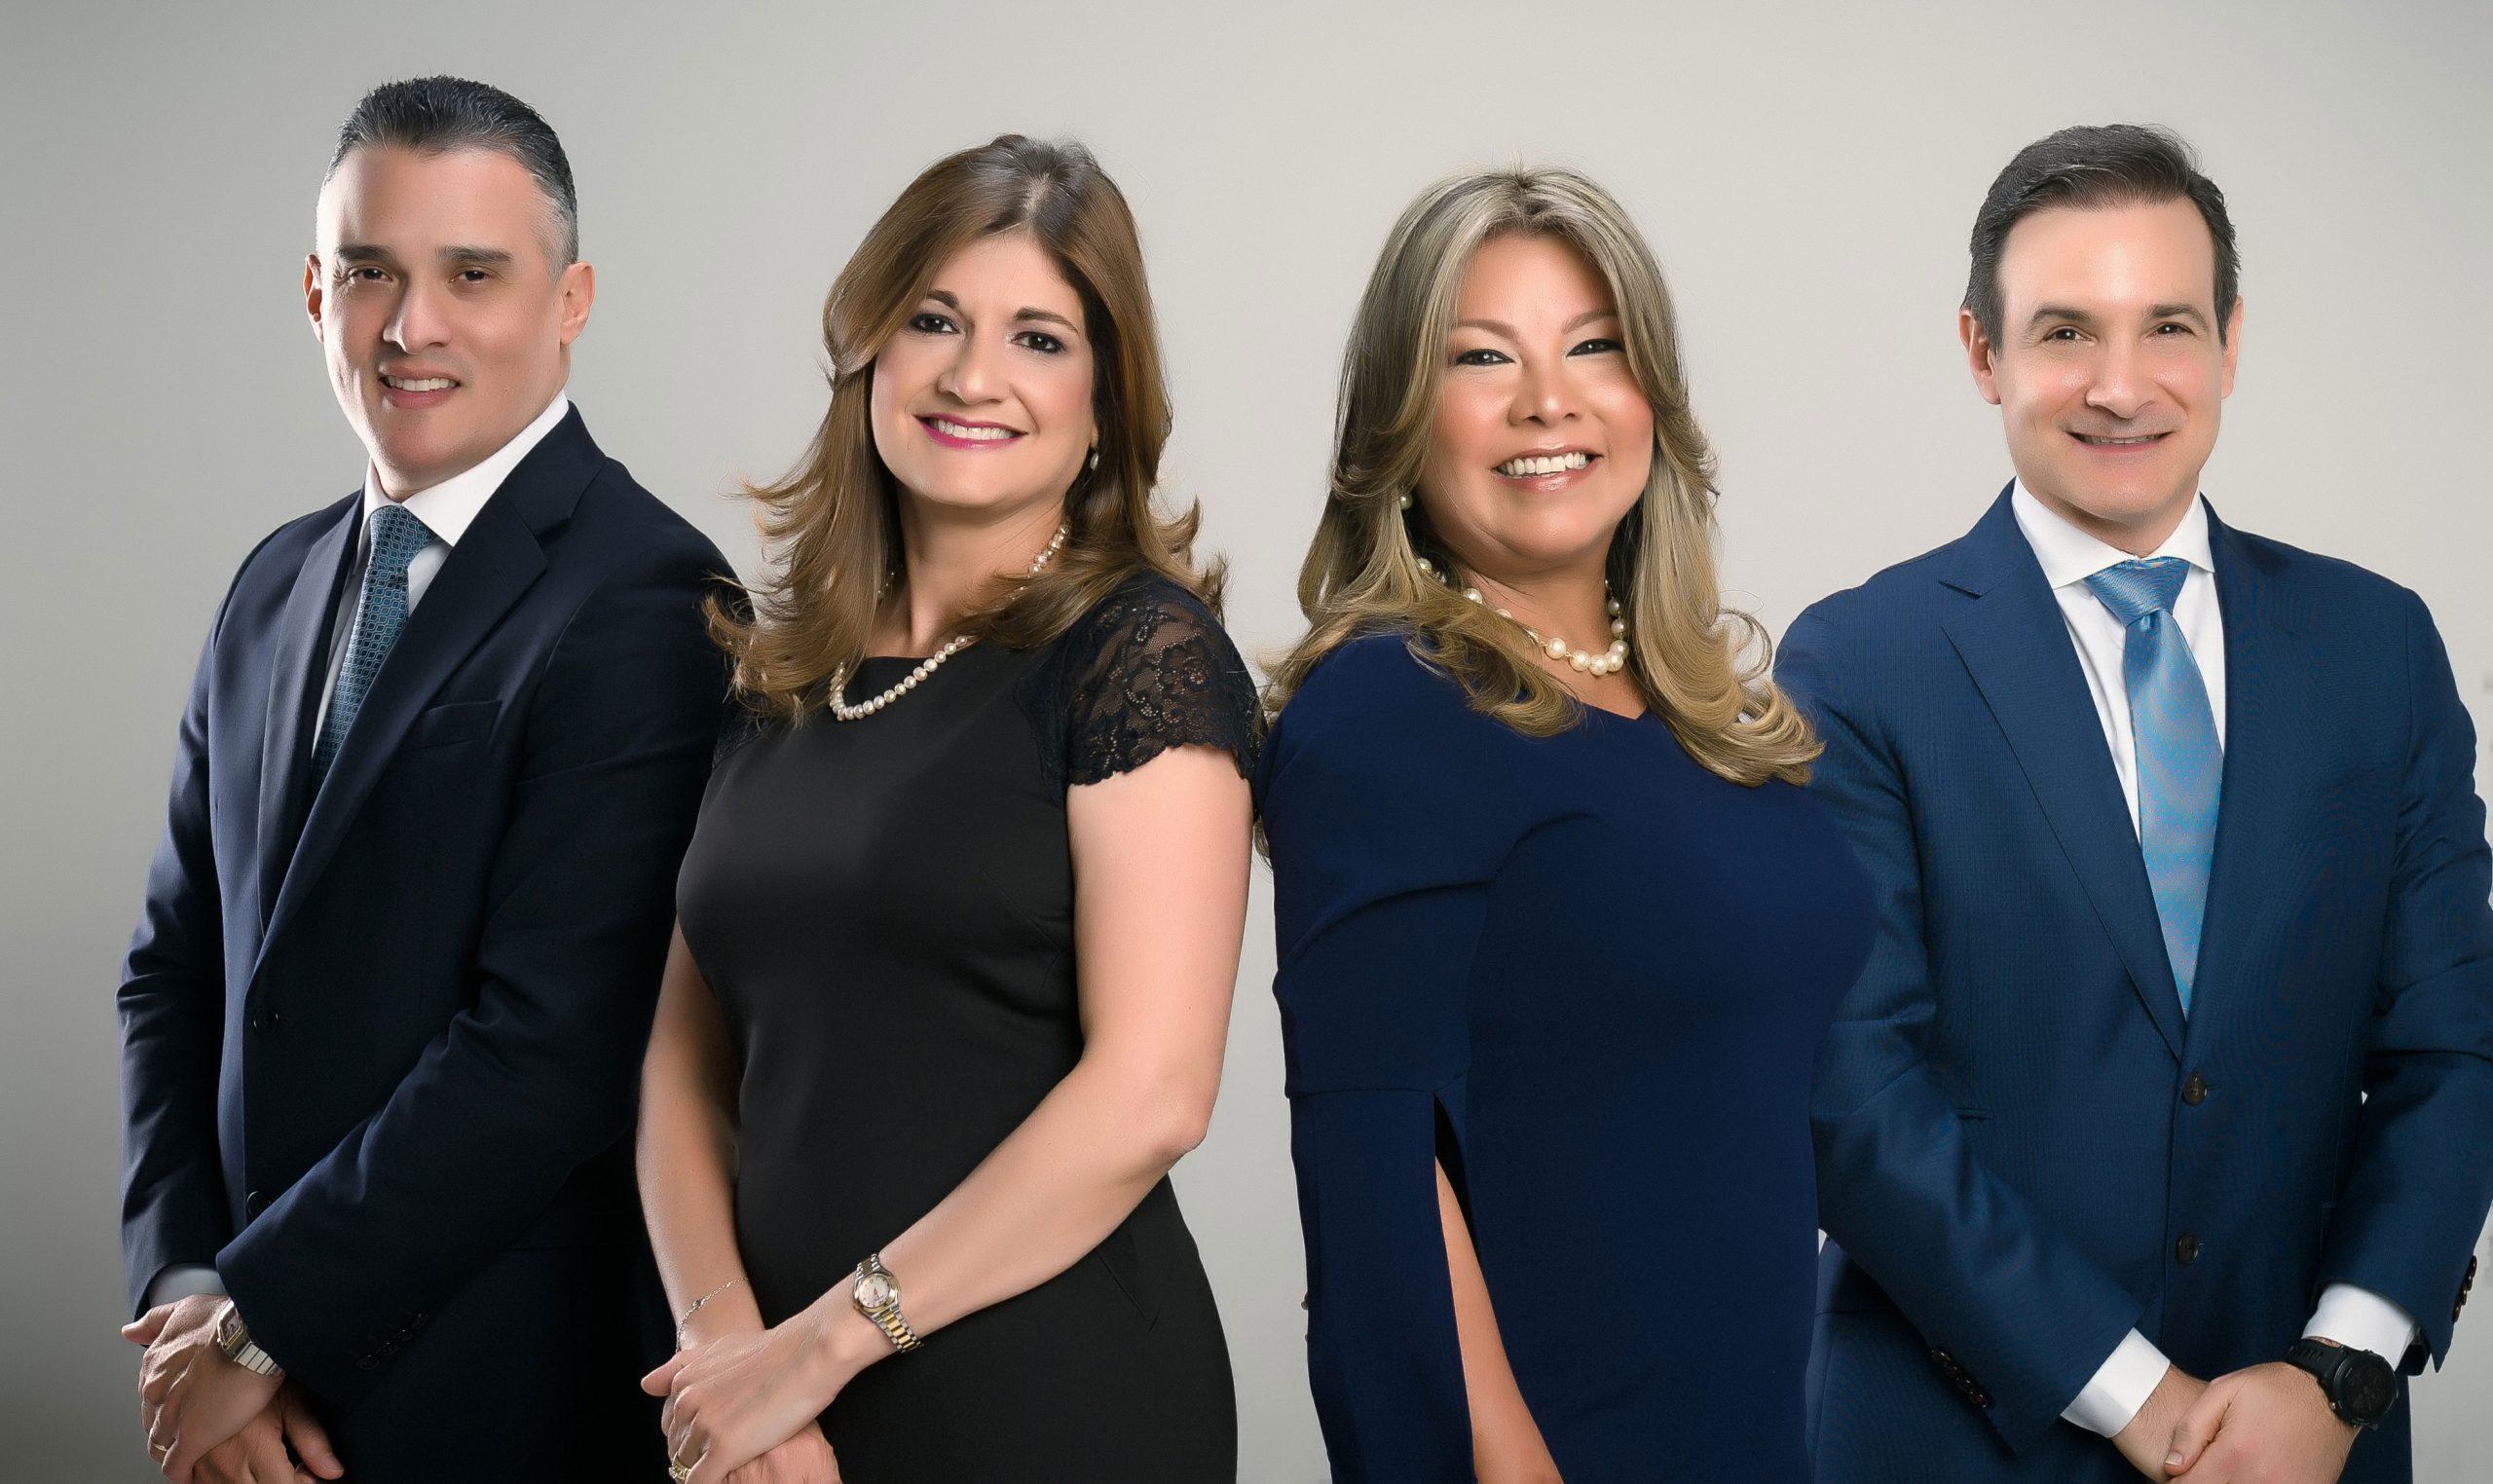 KATZ & LOPEZ, firma de abogados panameña con más de 25 años de experiencia comprobada y en constante adecuación a las exigencias del mercado.